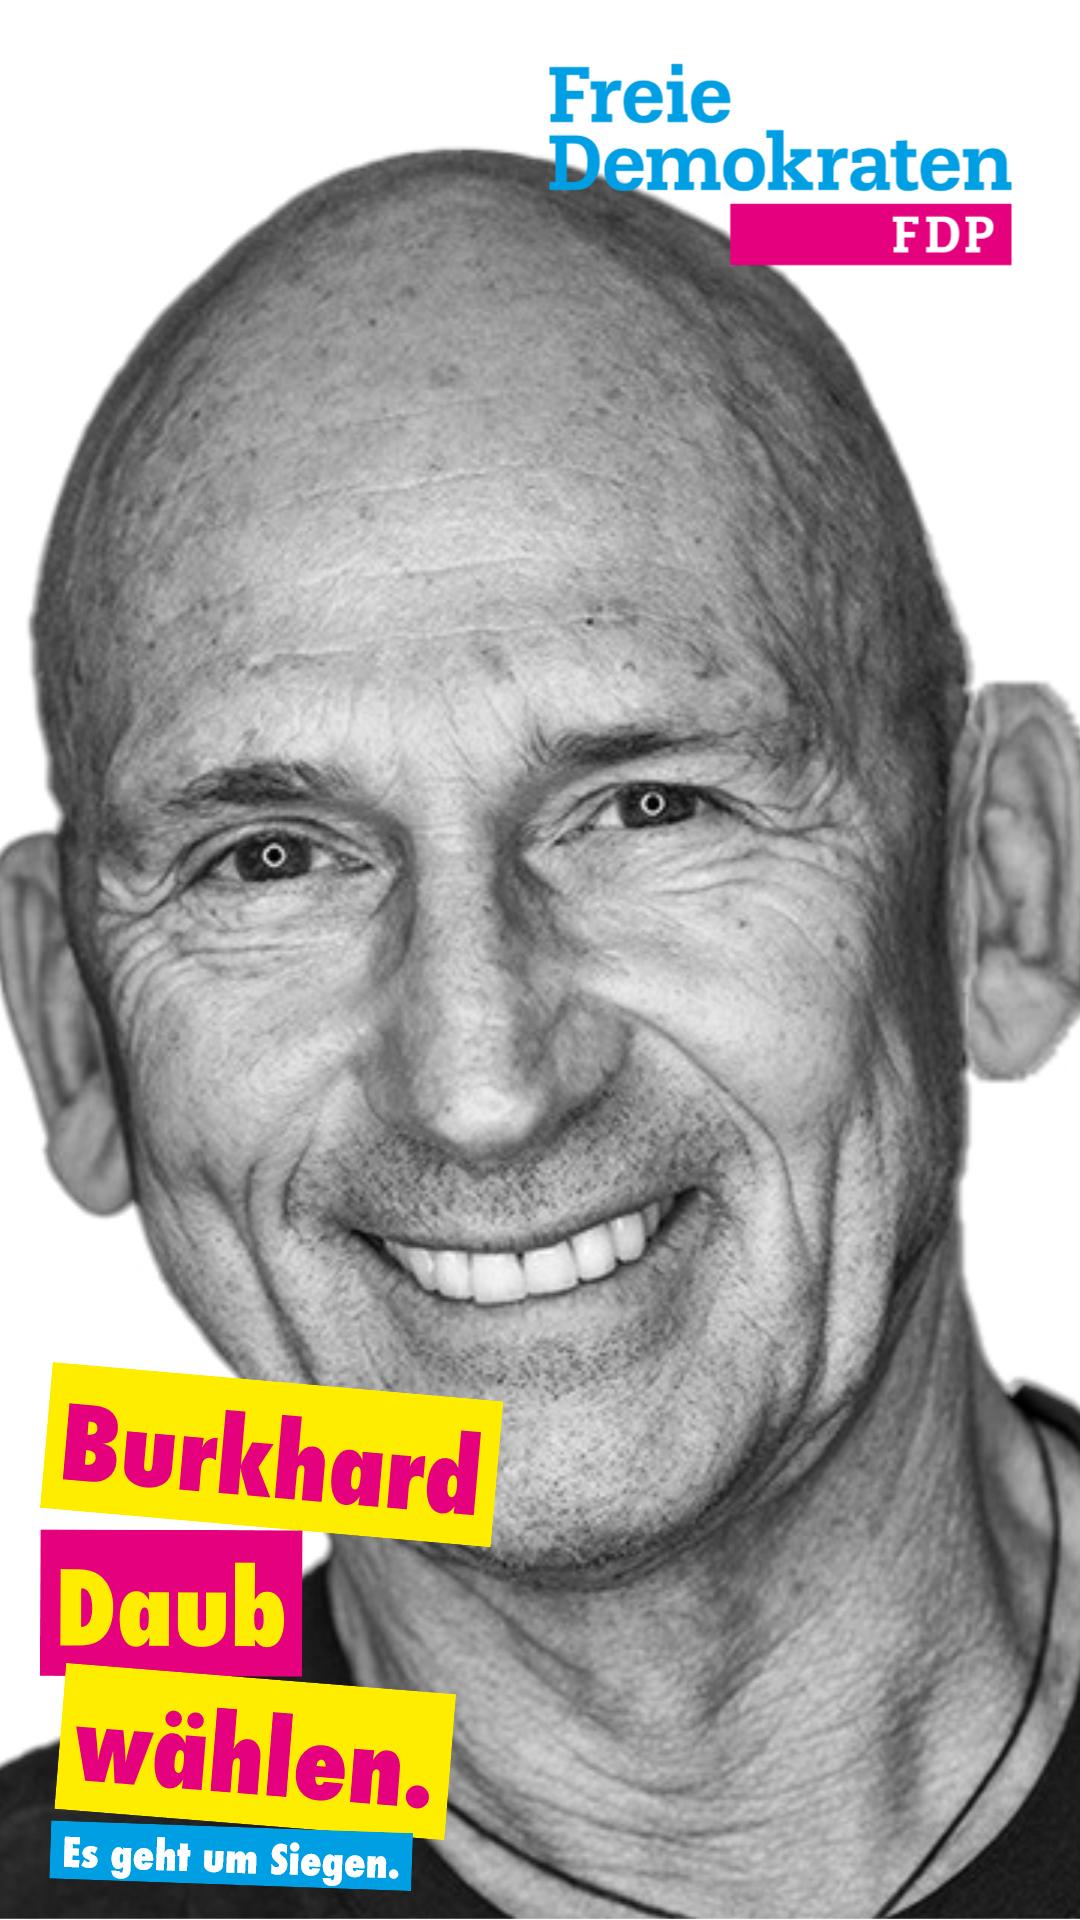 Burkhard Daub